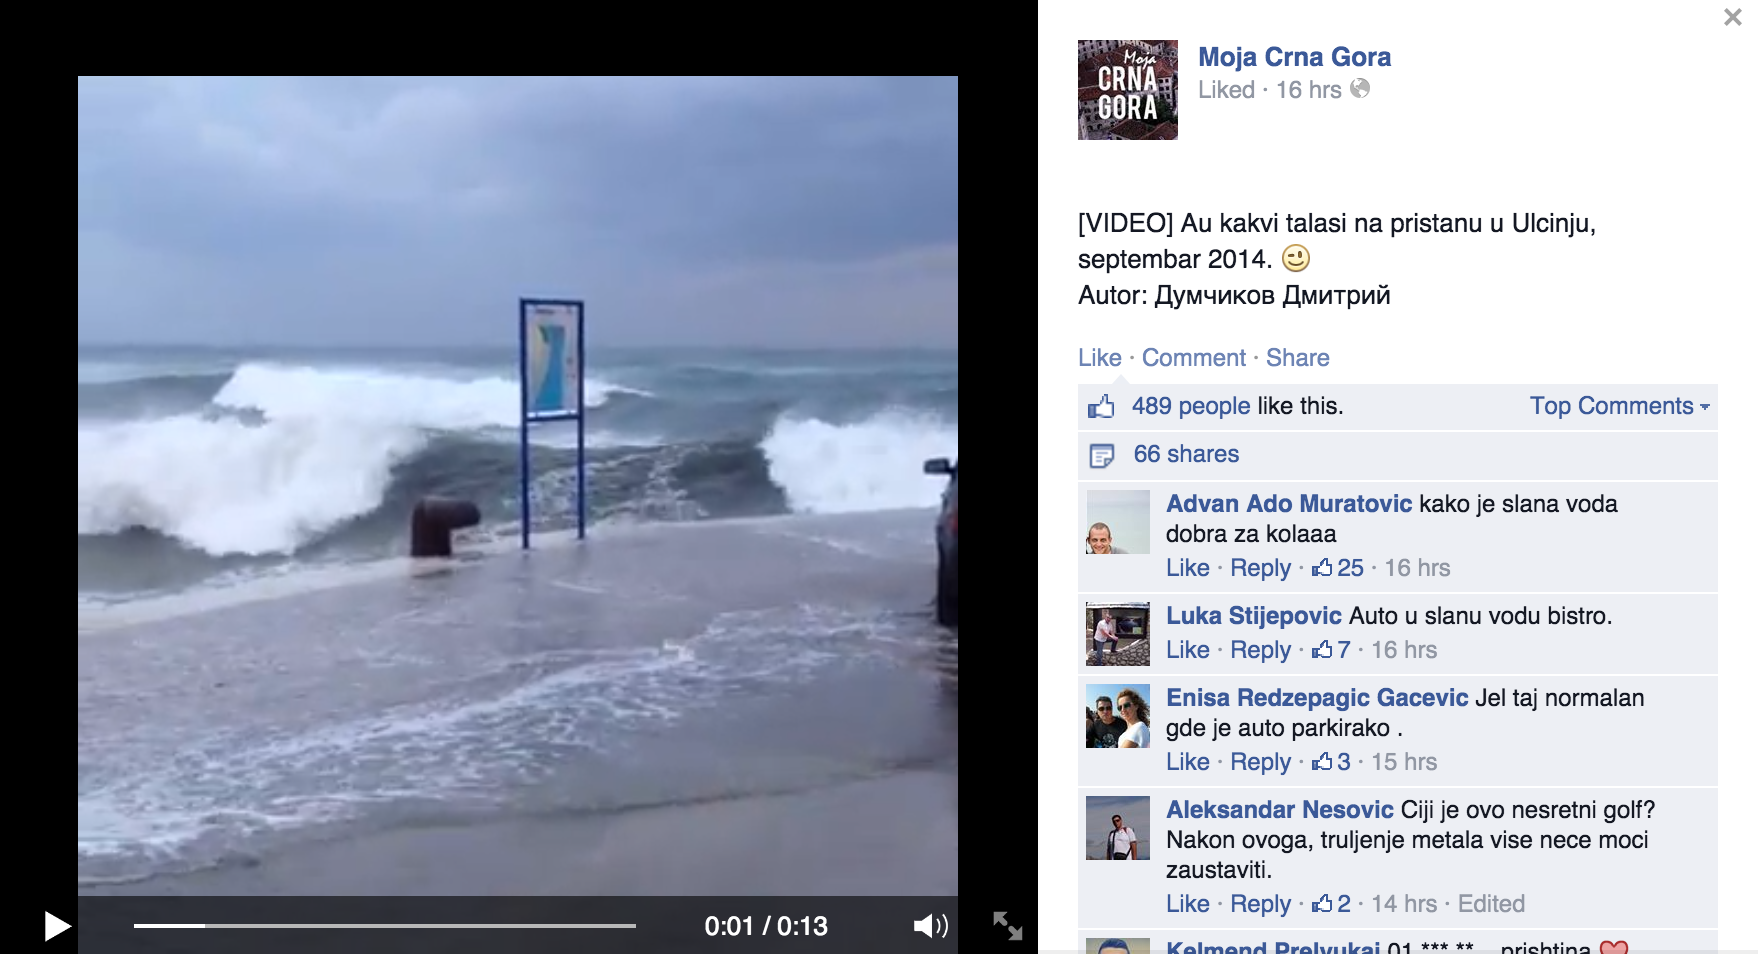 Screen Shot 2014-09-04 at 12.59.09